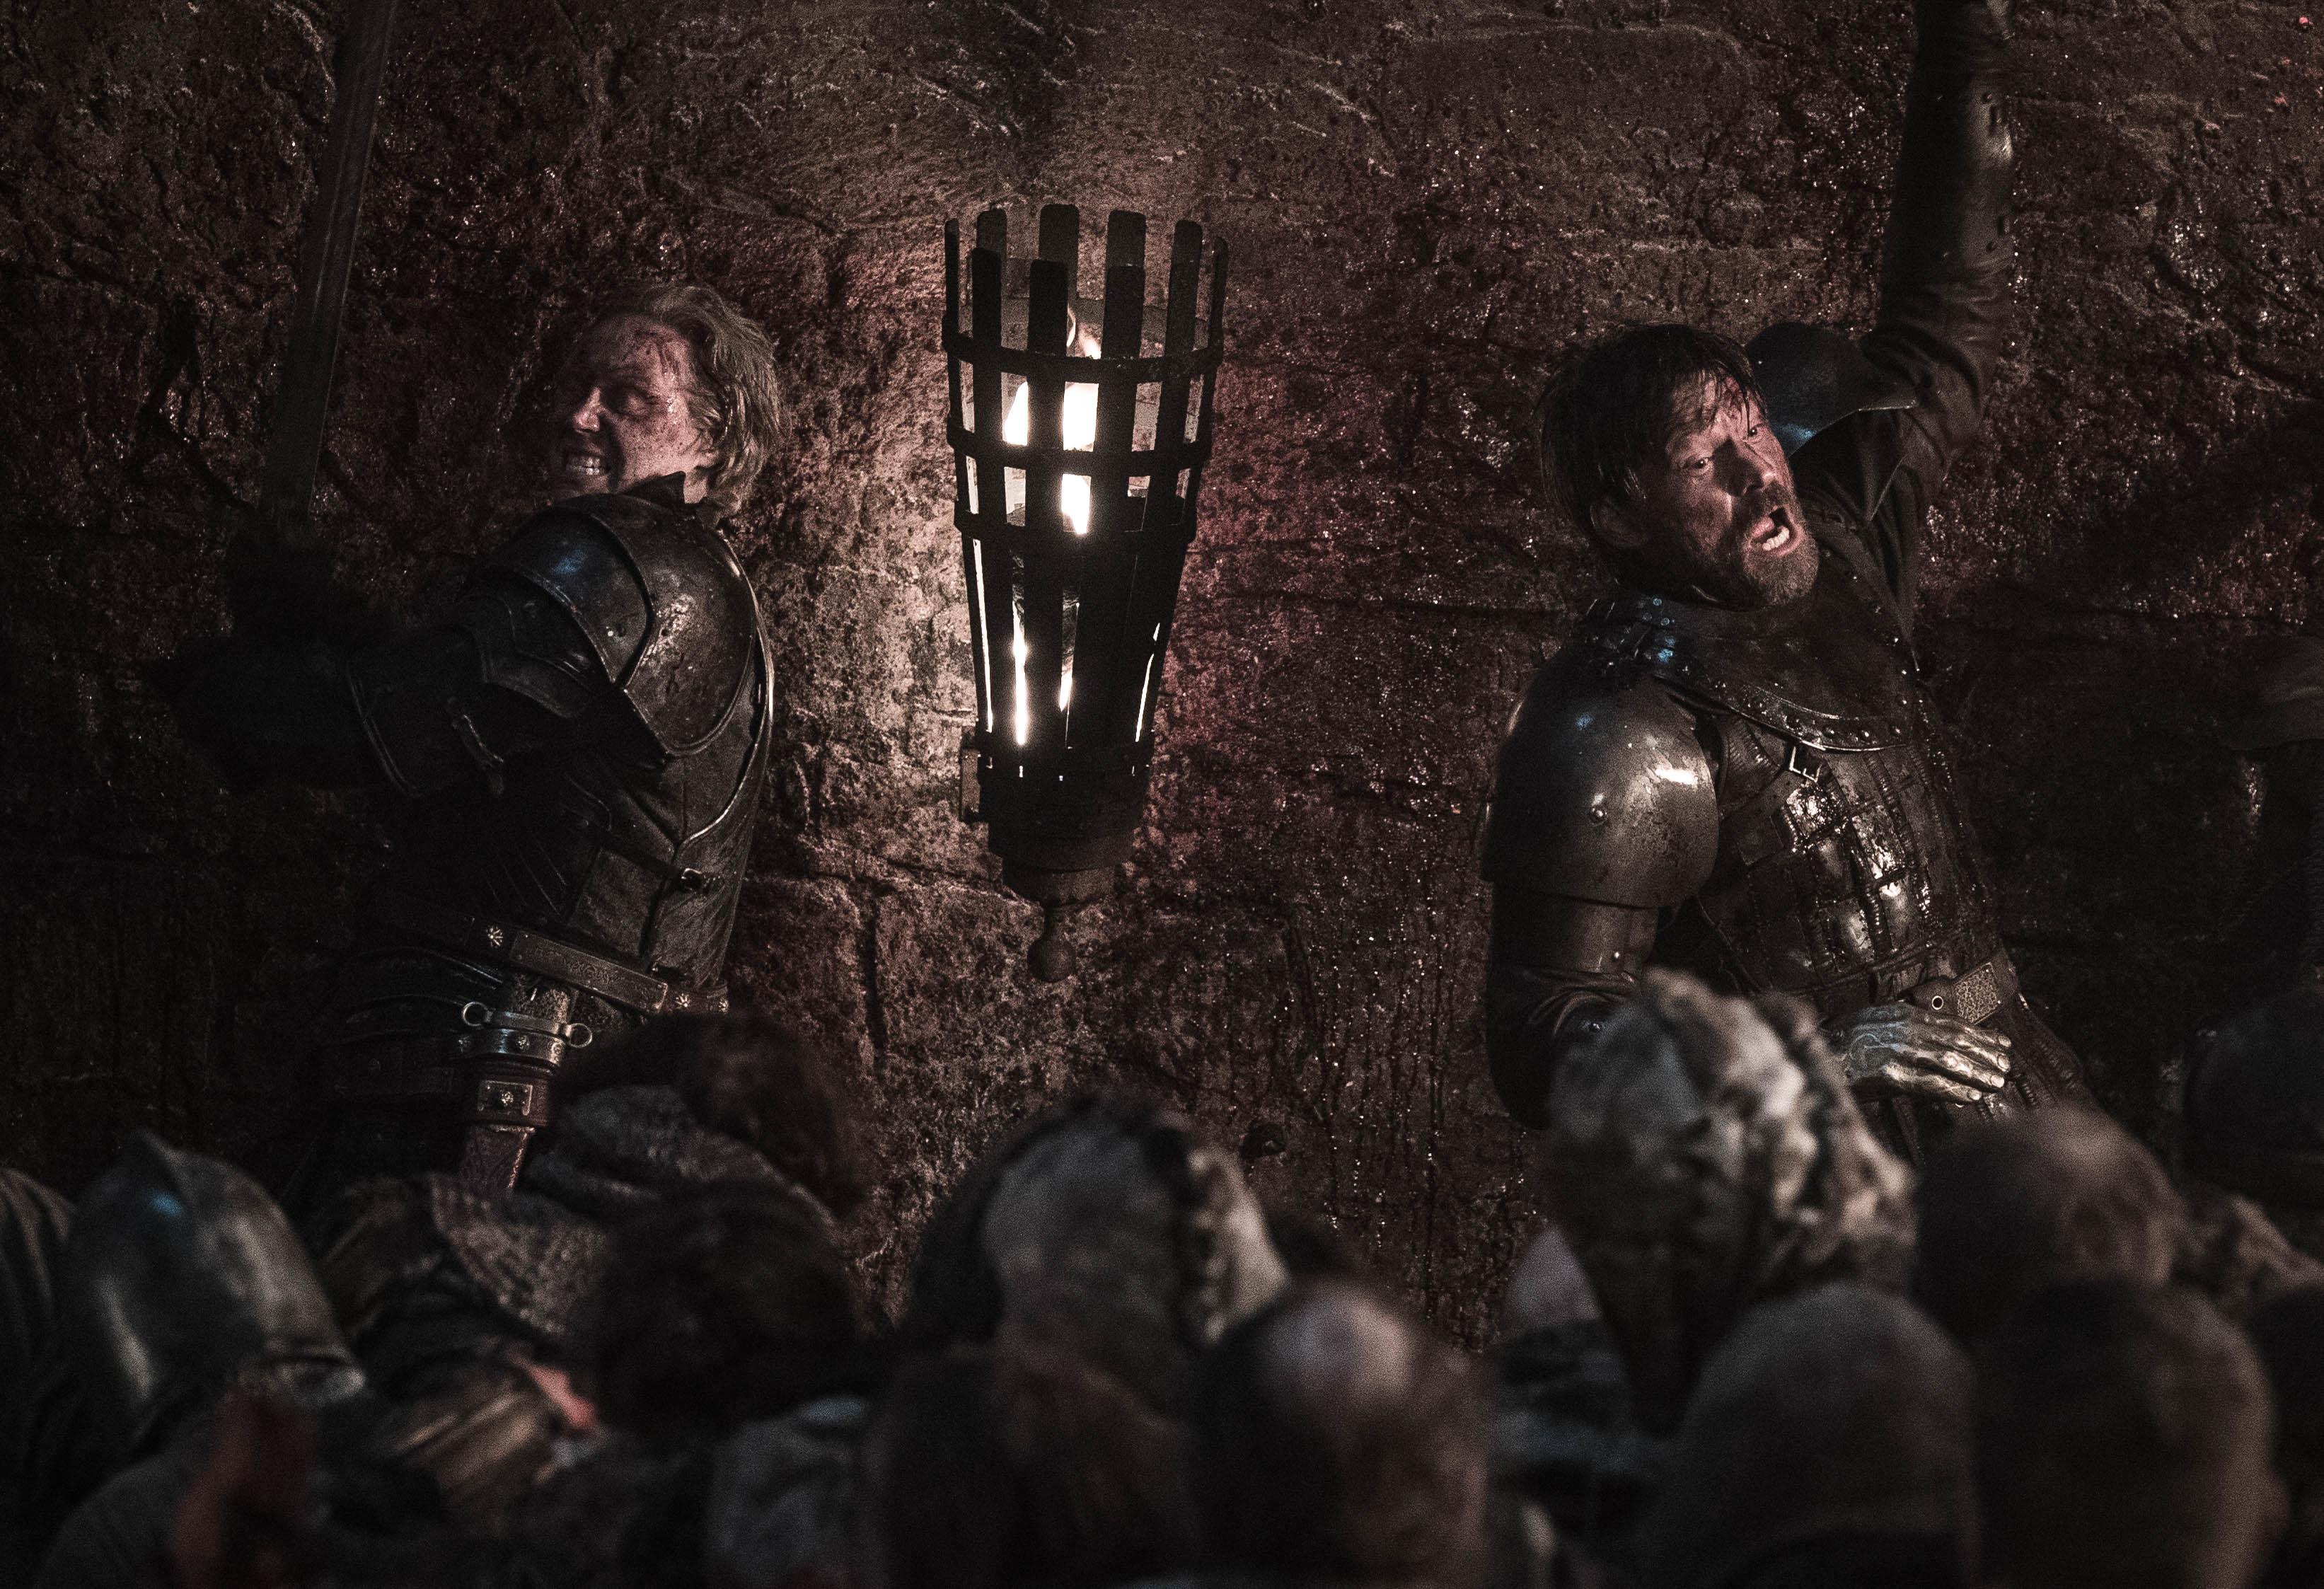 game of thrones season 8 episode 2 subtitles english download